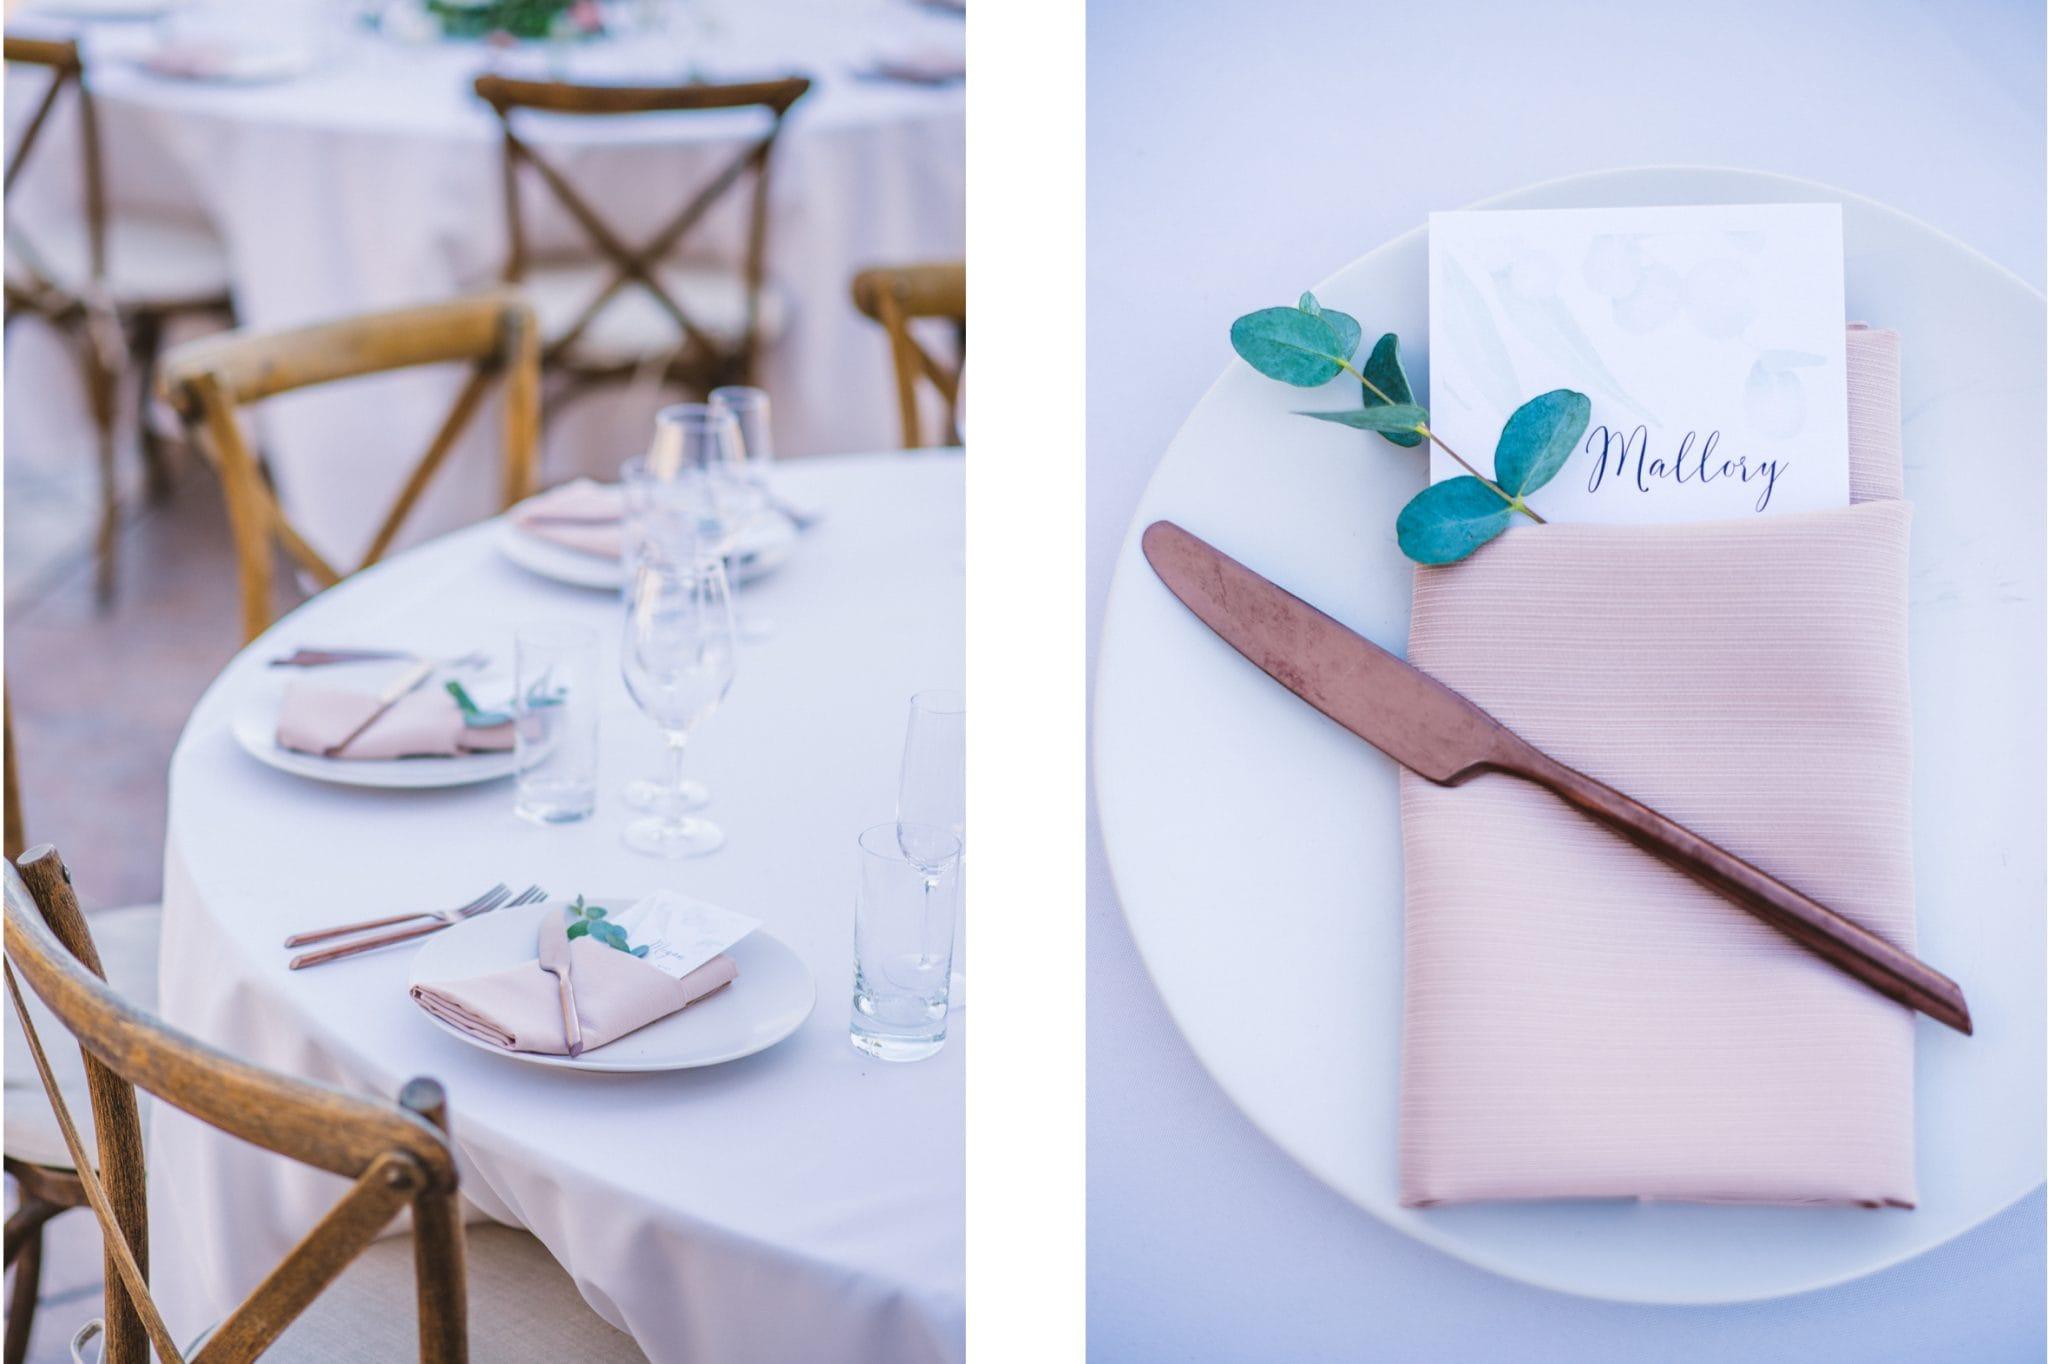 Croad Vineyard Wedding details